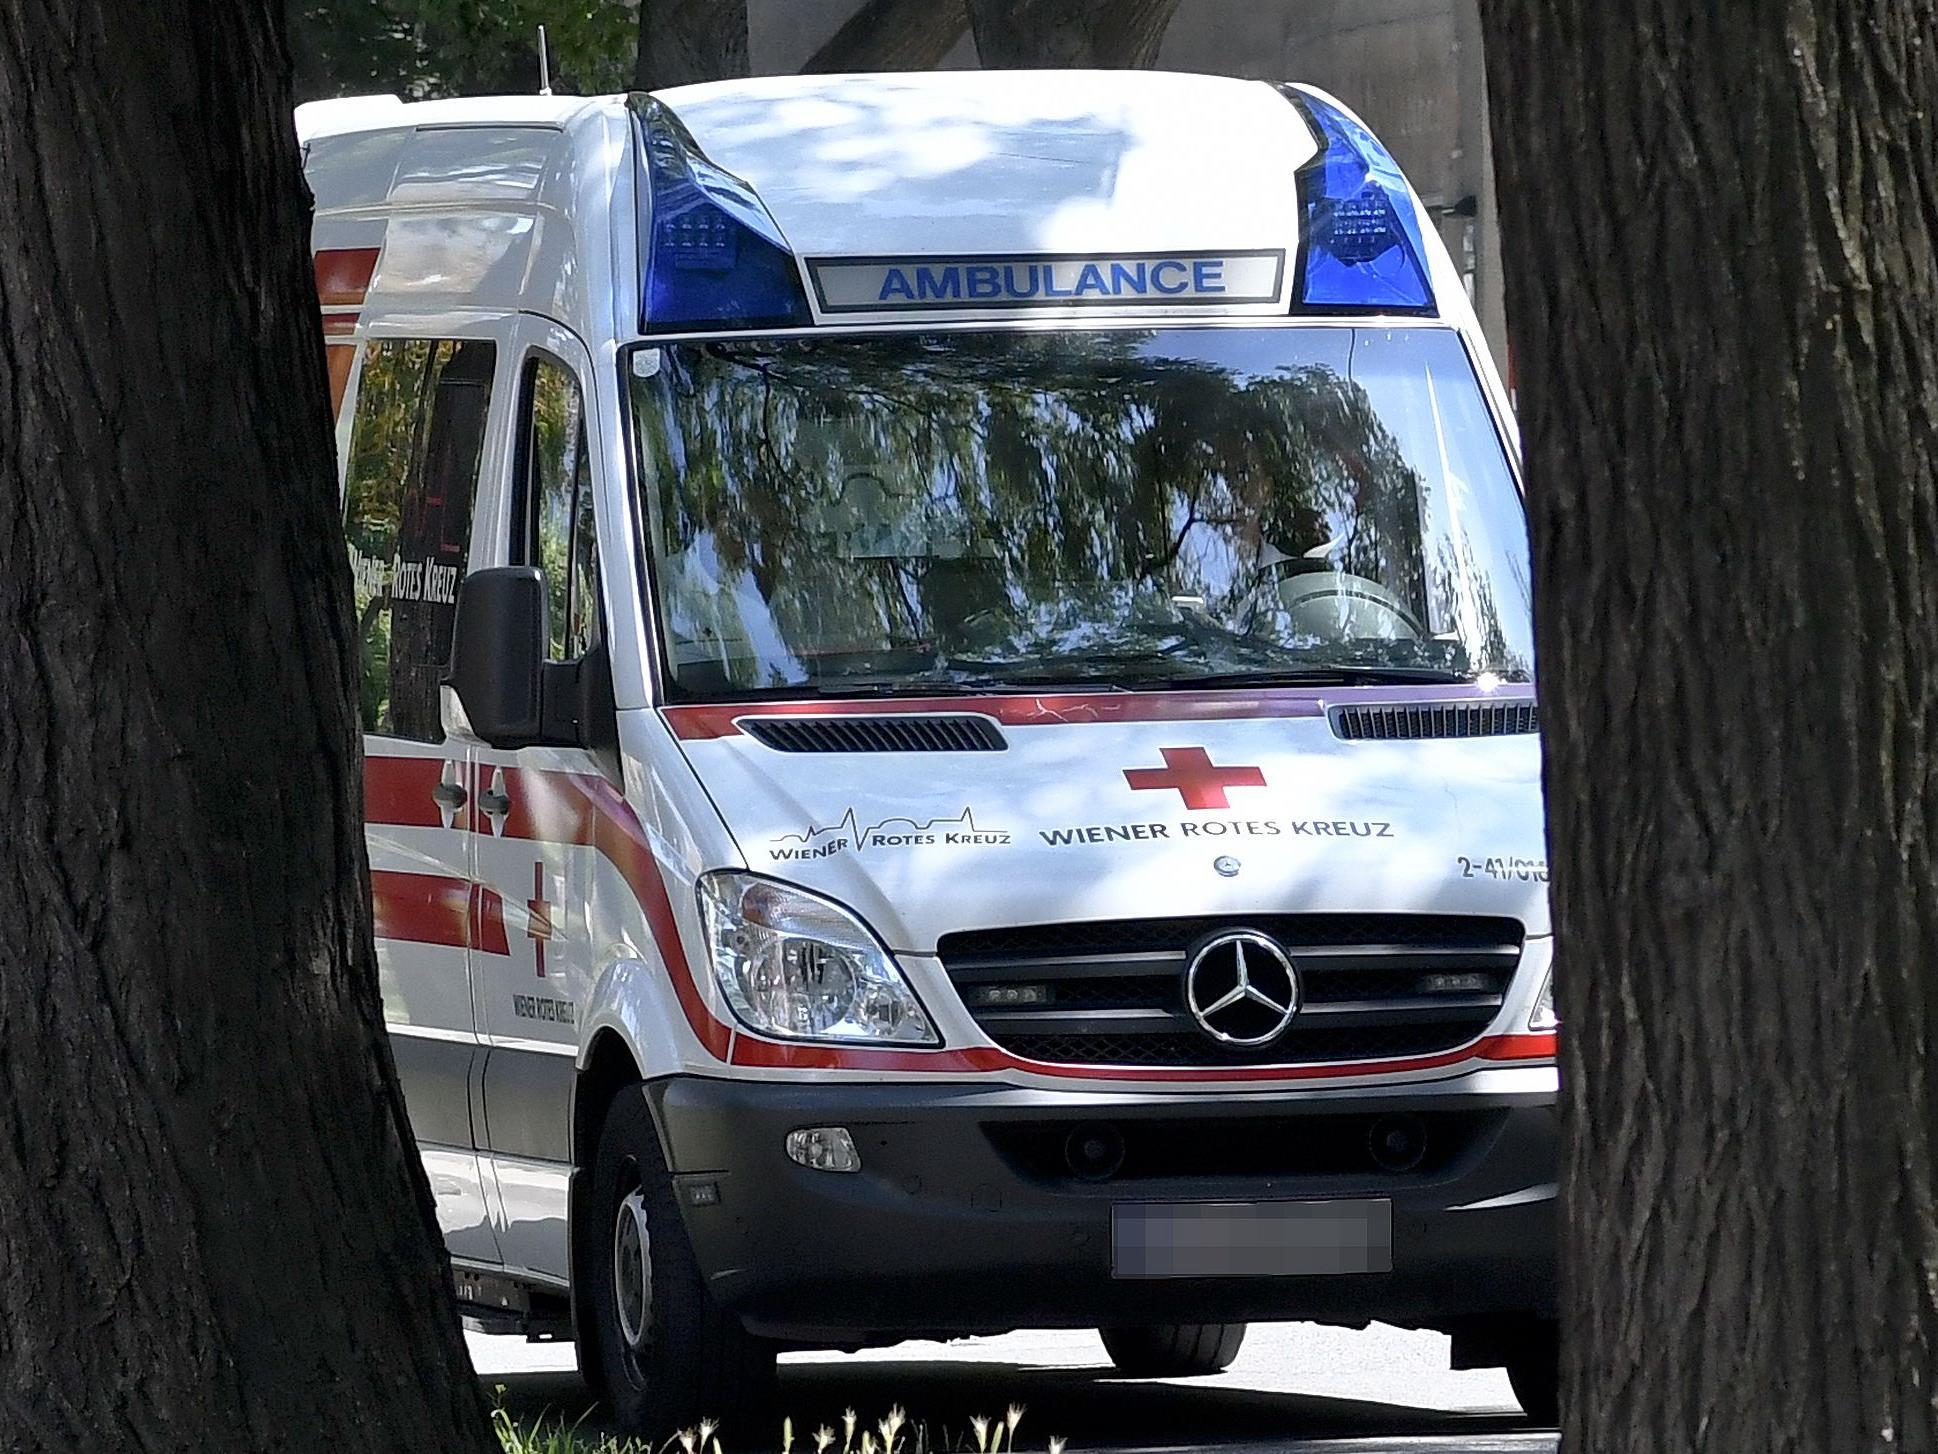 Sanitäter des Wiener Roten Kreuzes stehen vor der Kündigung: Reformen angekündigt.